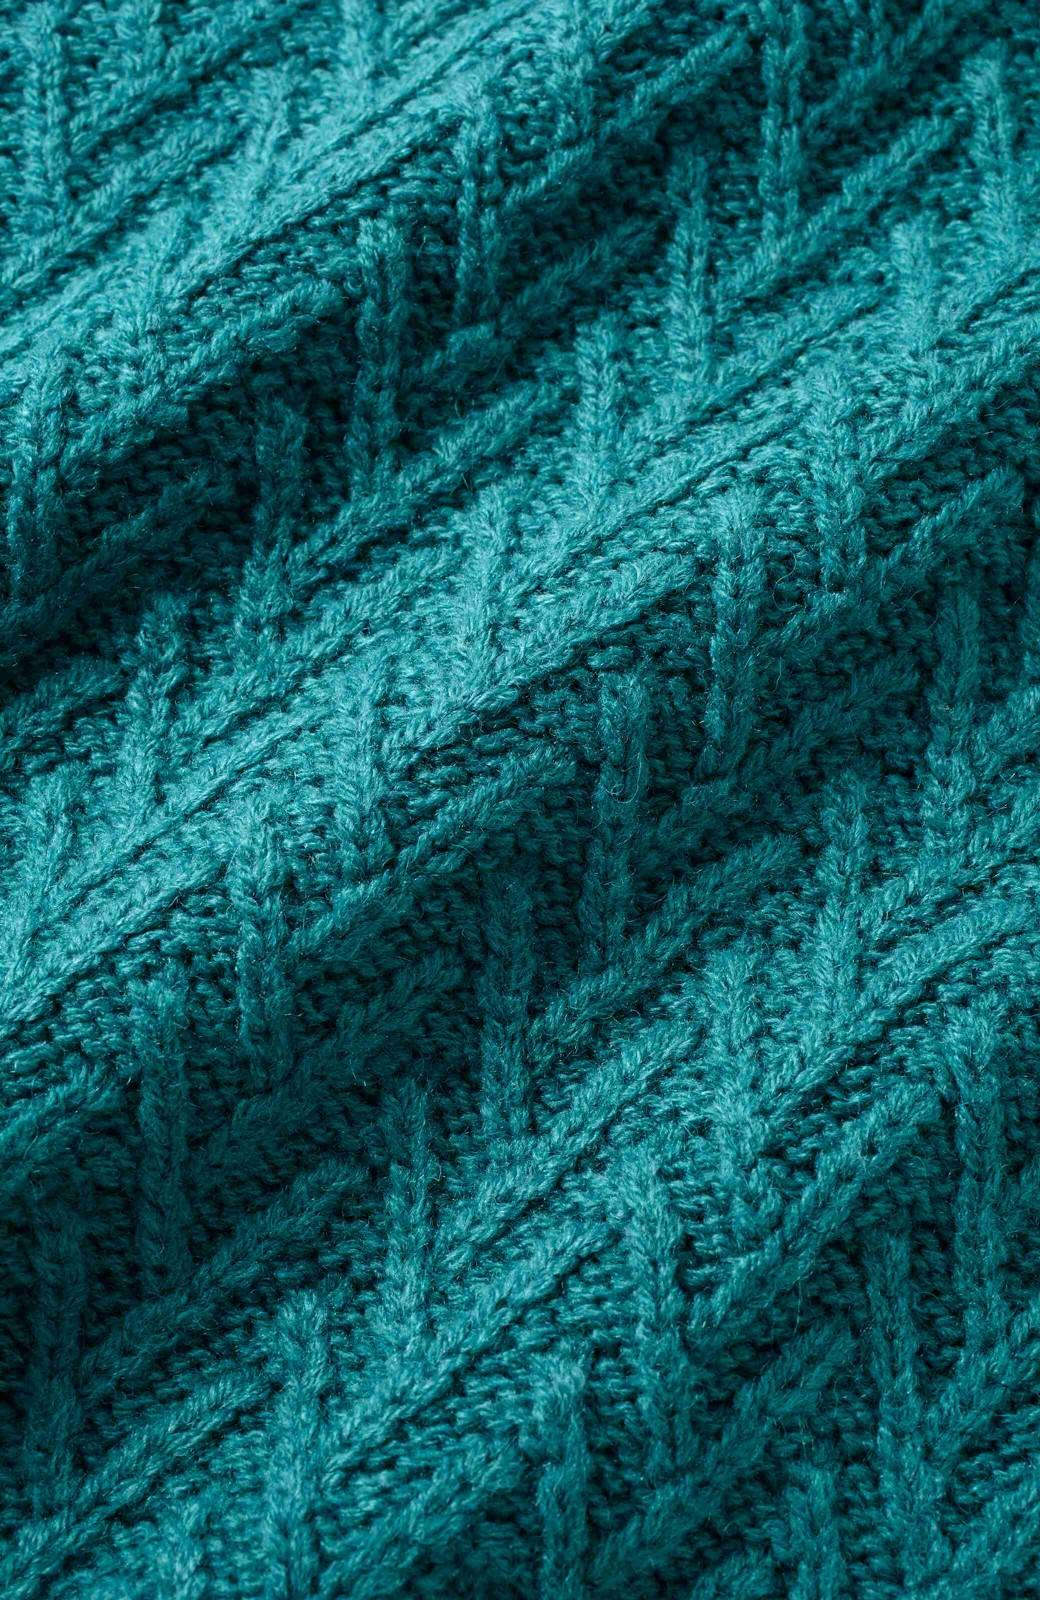 nusy お家で洗えてきれいがつづく V柄編みクルーネックニット <グリーン>の商品写真3